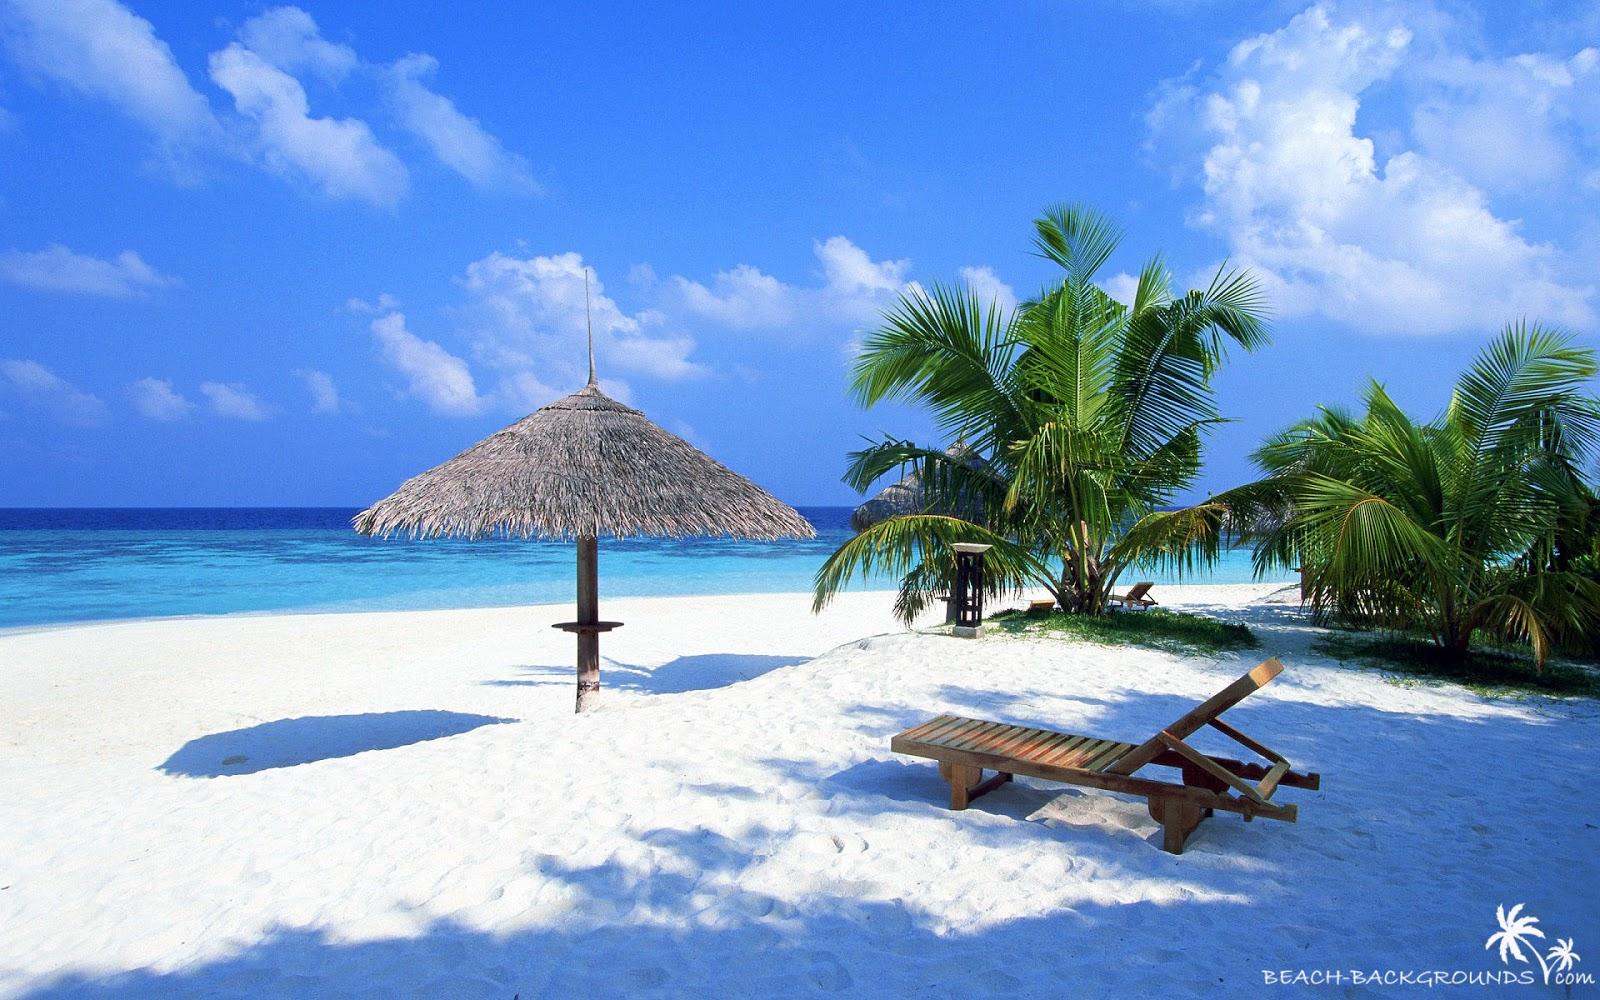 http://4.bp.blogspot.com/-jiUG_PznPPc/UK3TlY9QDBI/AAAAAAAAJHI/_sv-SVAzBlU/s1600/Beach-Wallpaper-1.jpg